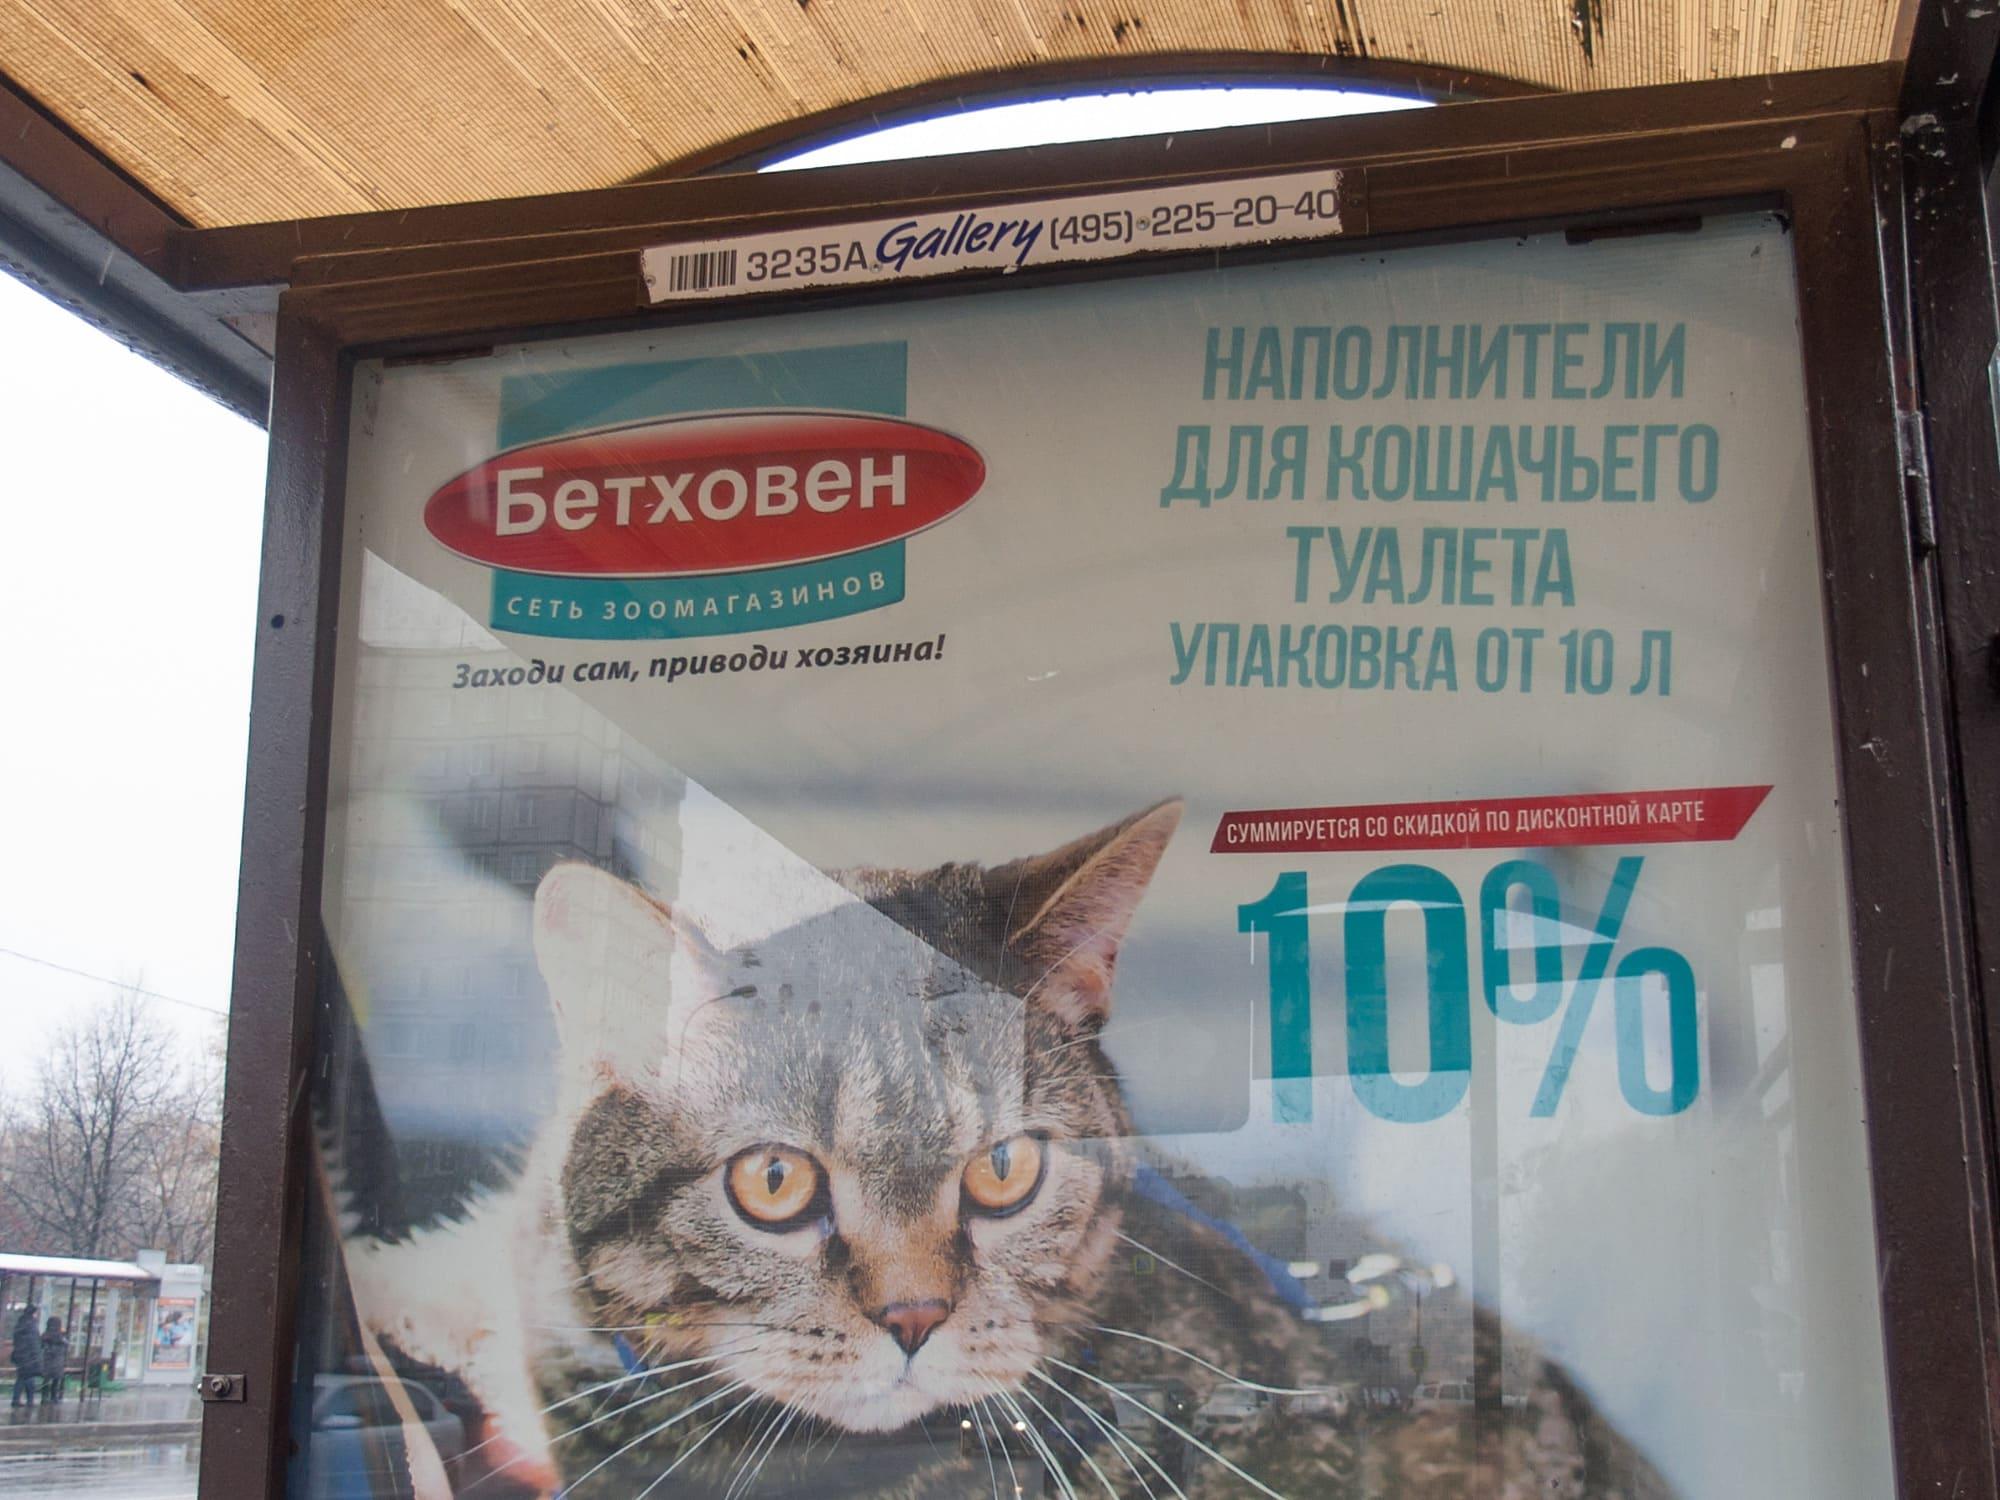 Реклама Бетховен